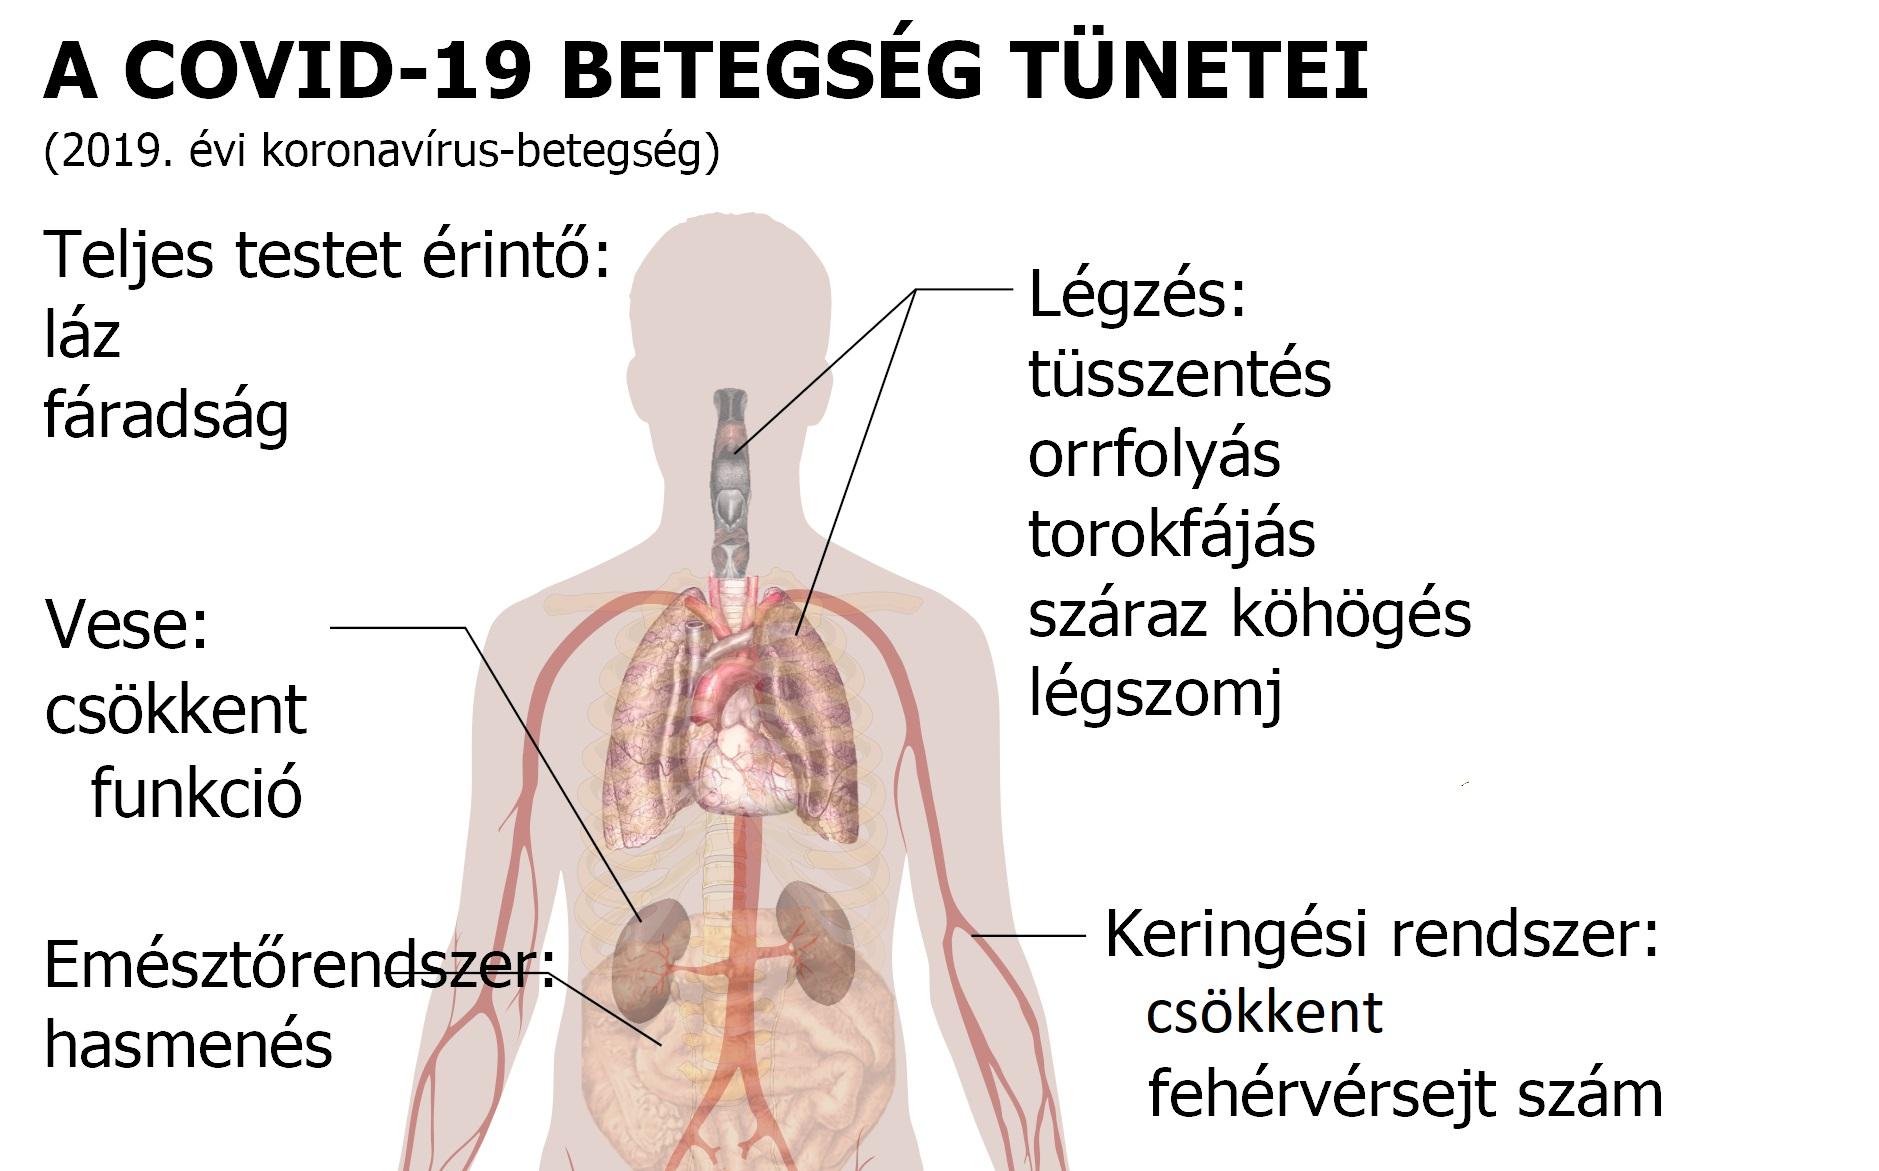 vese magas vérnyomás elleni gyógyszerek